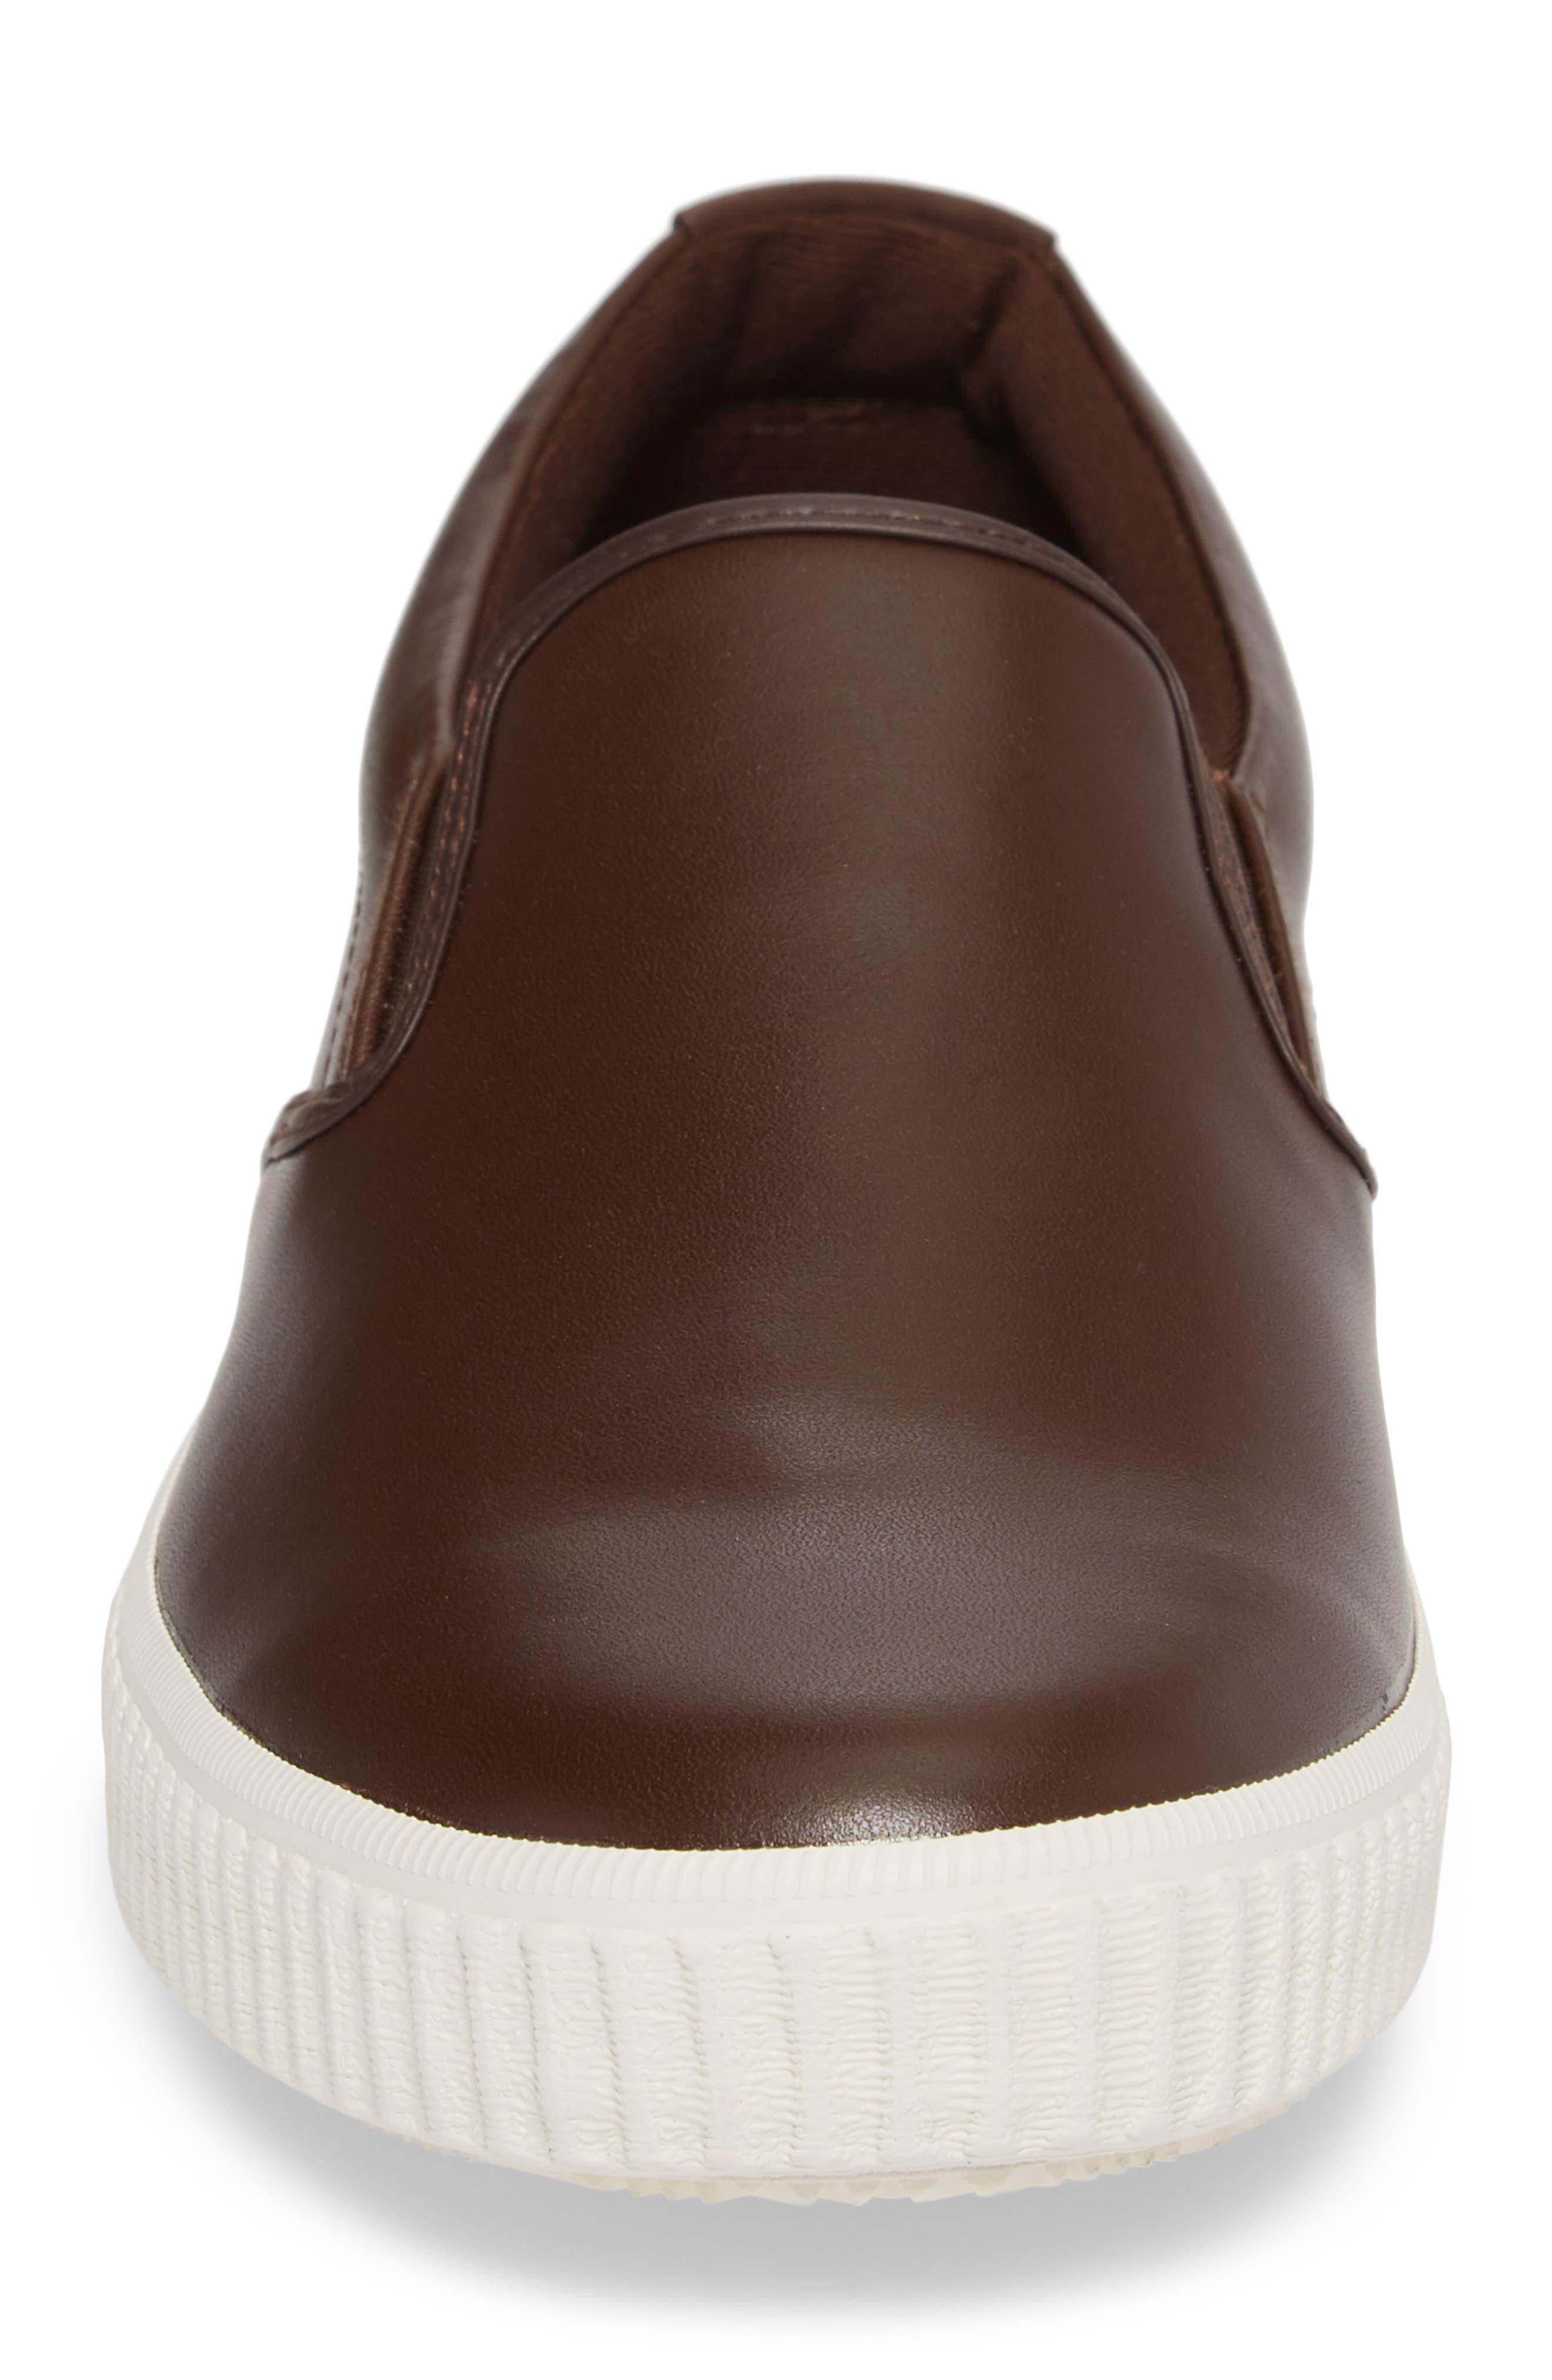 Riverside Slip-On Sneaker,                             Alternate thumbnail 4, color,                             Brown/ Off White Leather